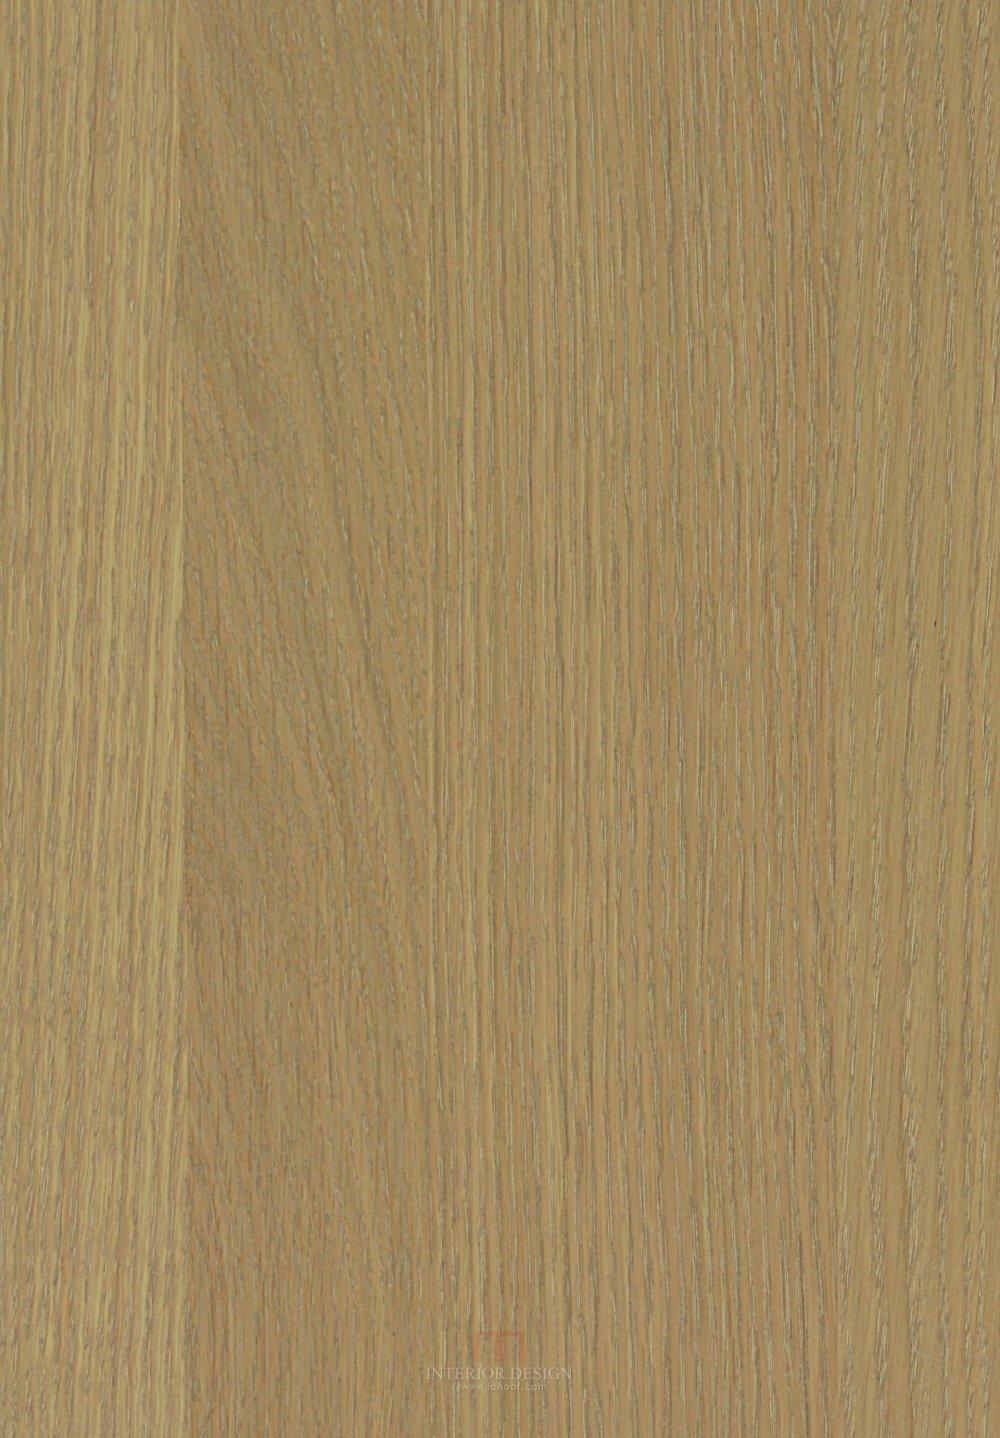 K6129ES_白橡木實木拼.JPG